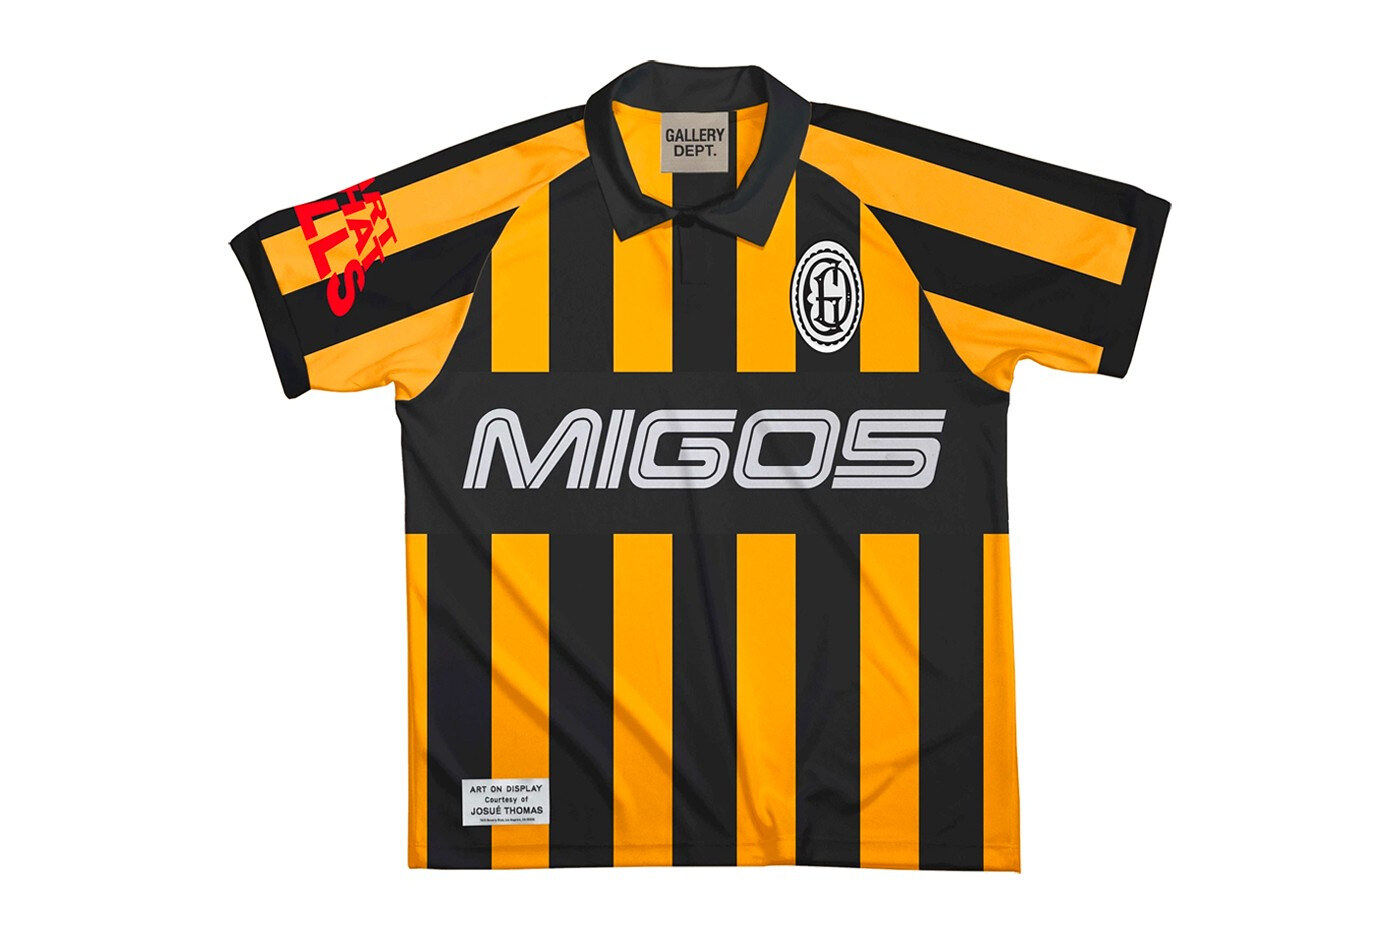 Migos Culture III GALLERY DEPT. merchandising